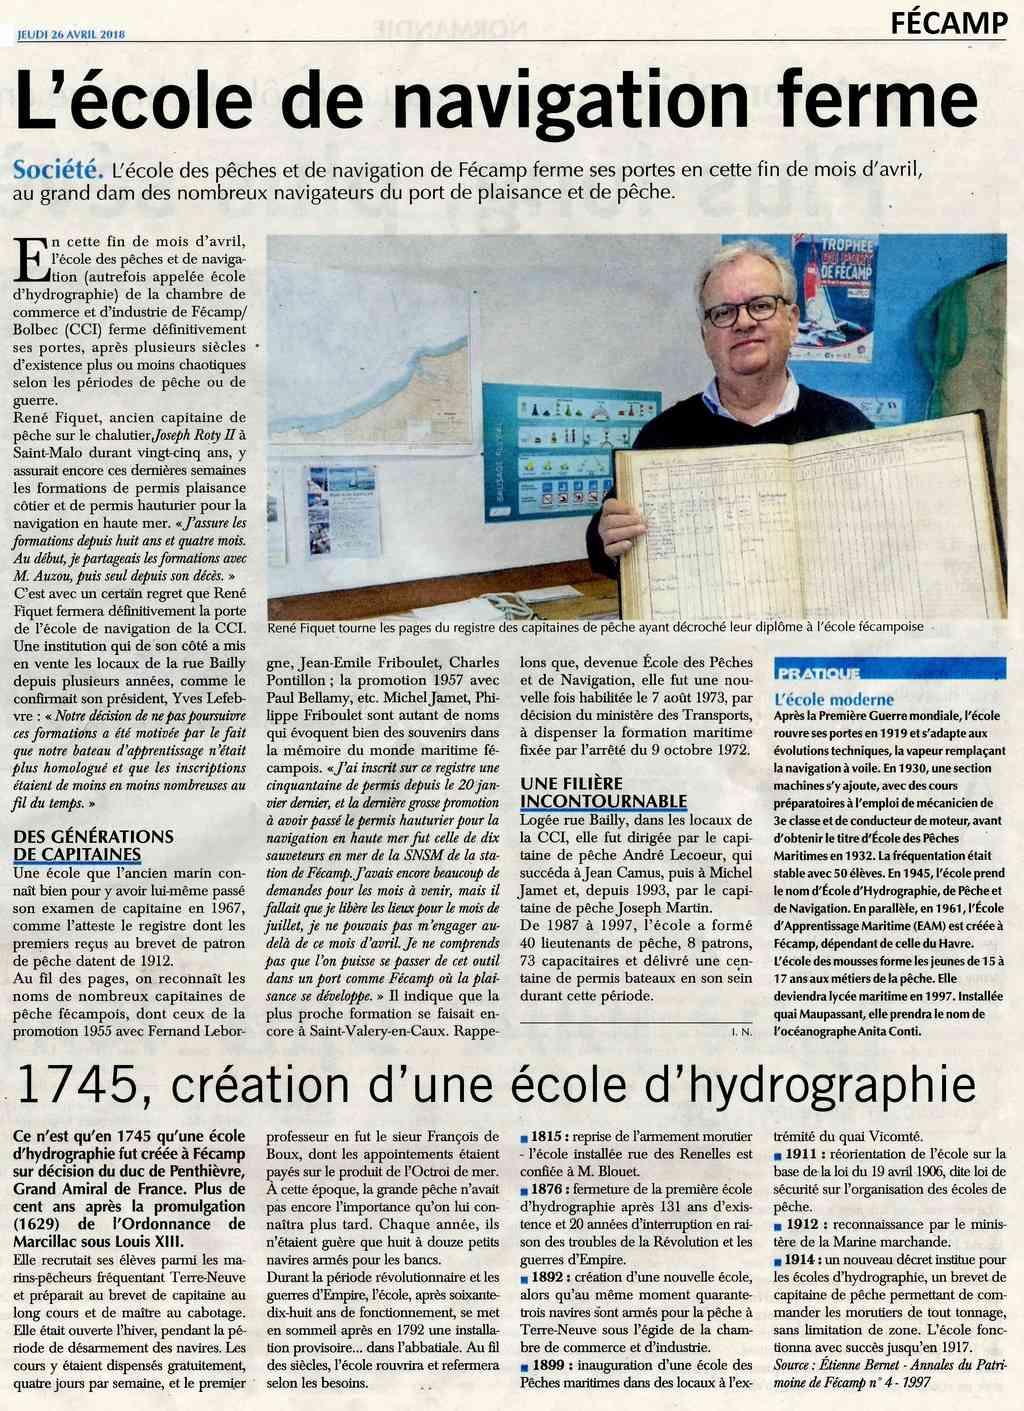 Fécamp - Ecole de navigation (ex Ecole d'Hydrographie) 2018-050